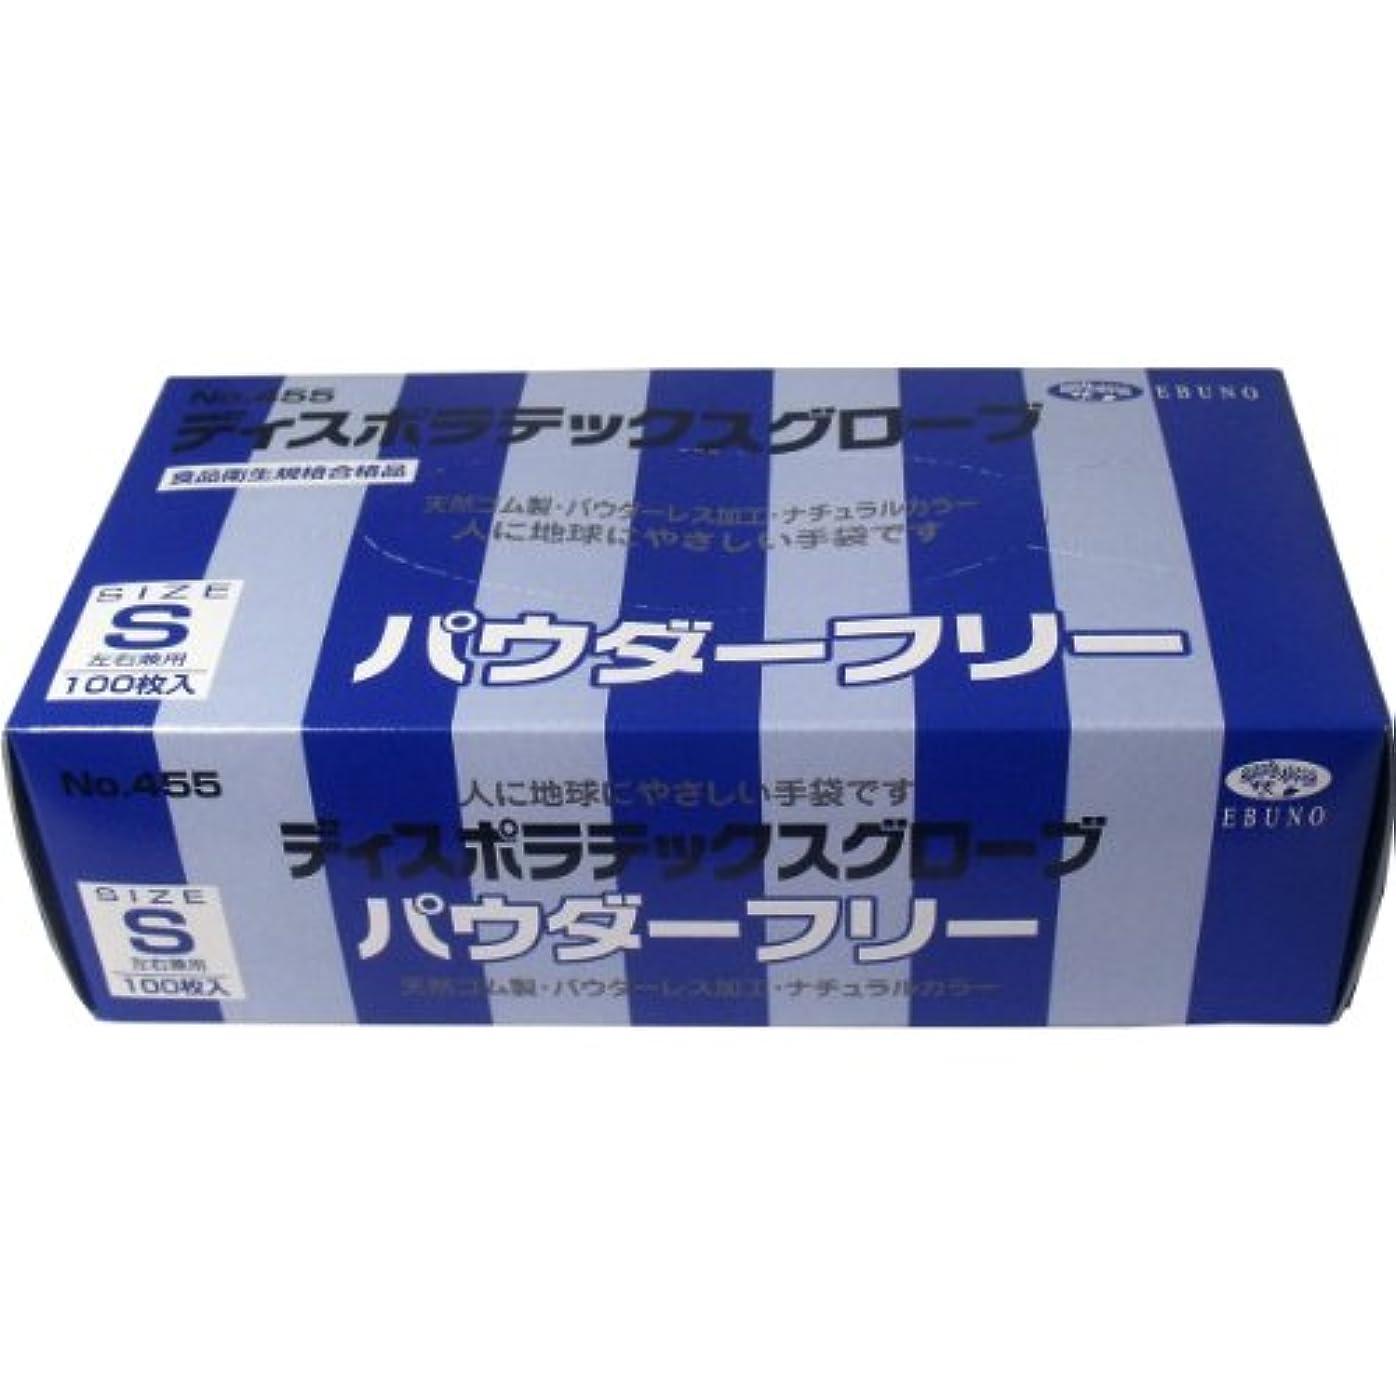 チャーム辛い足枷ディスポ ラテックスグローブ(天然ゴム手袋) パウダーフリー Sサイズ 100枚入(単品)